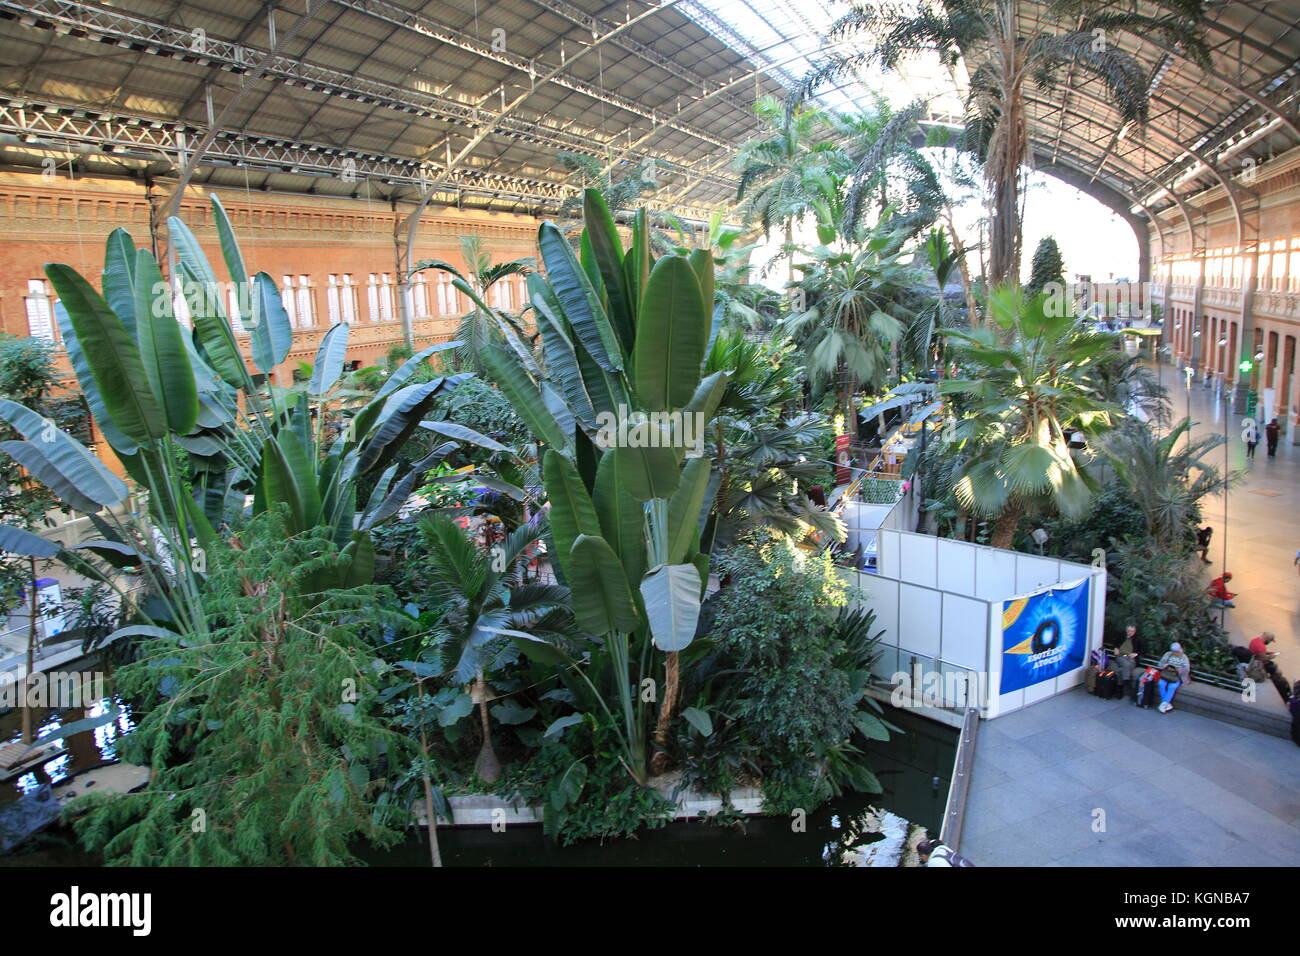 Tropische Pflanzen wachsen im Garten innerhalb der Bahnhof Atocha ...